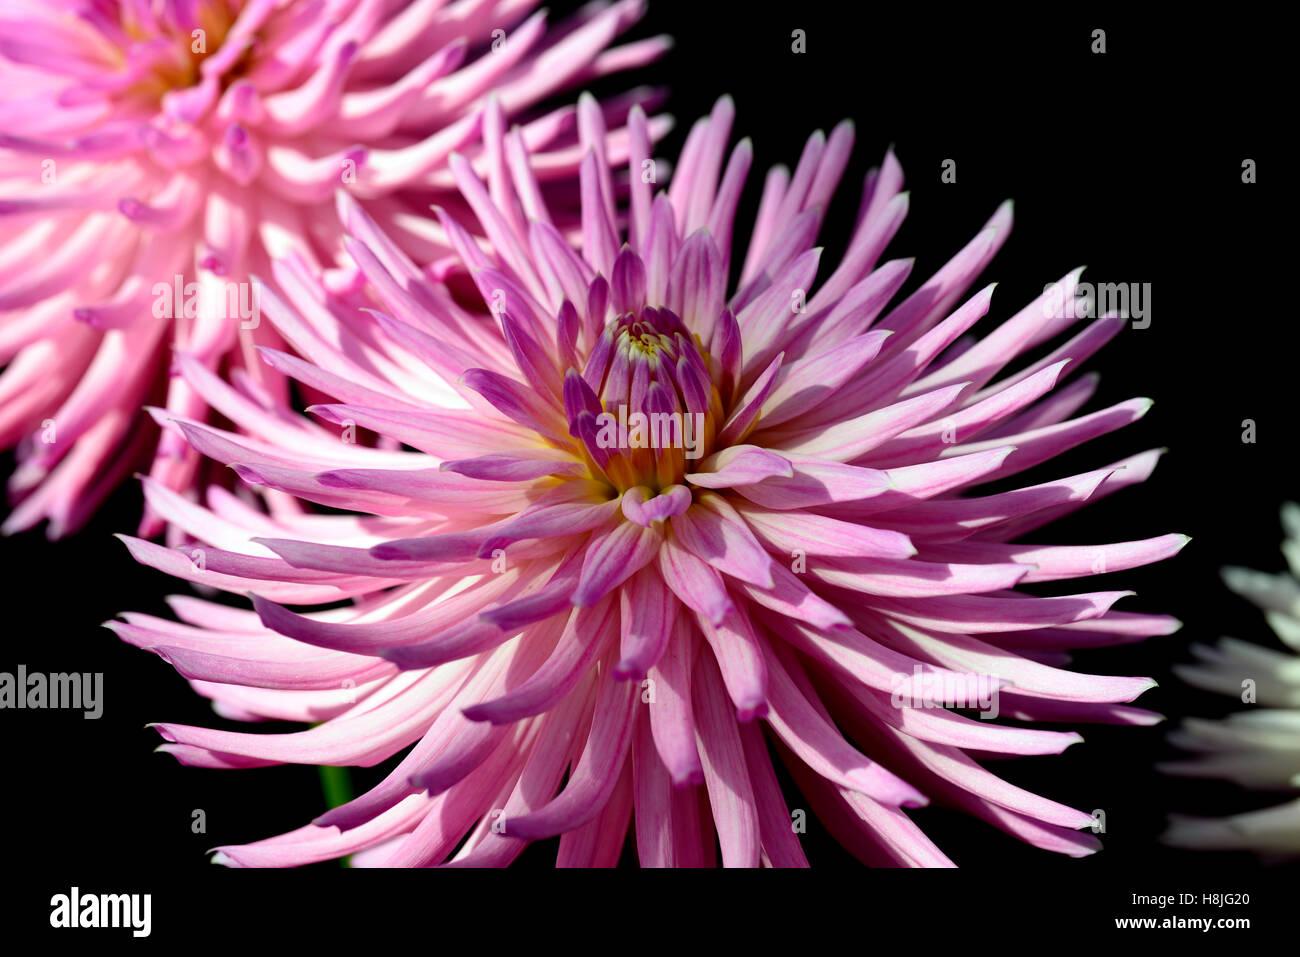 Dahlia deborahs kiwi cactus pink dahlias flower flowers flowering dahlia deborahs kiwi cactus pink dahlias flower flowers flowering perennial rm floral izmirmasajfo